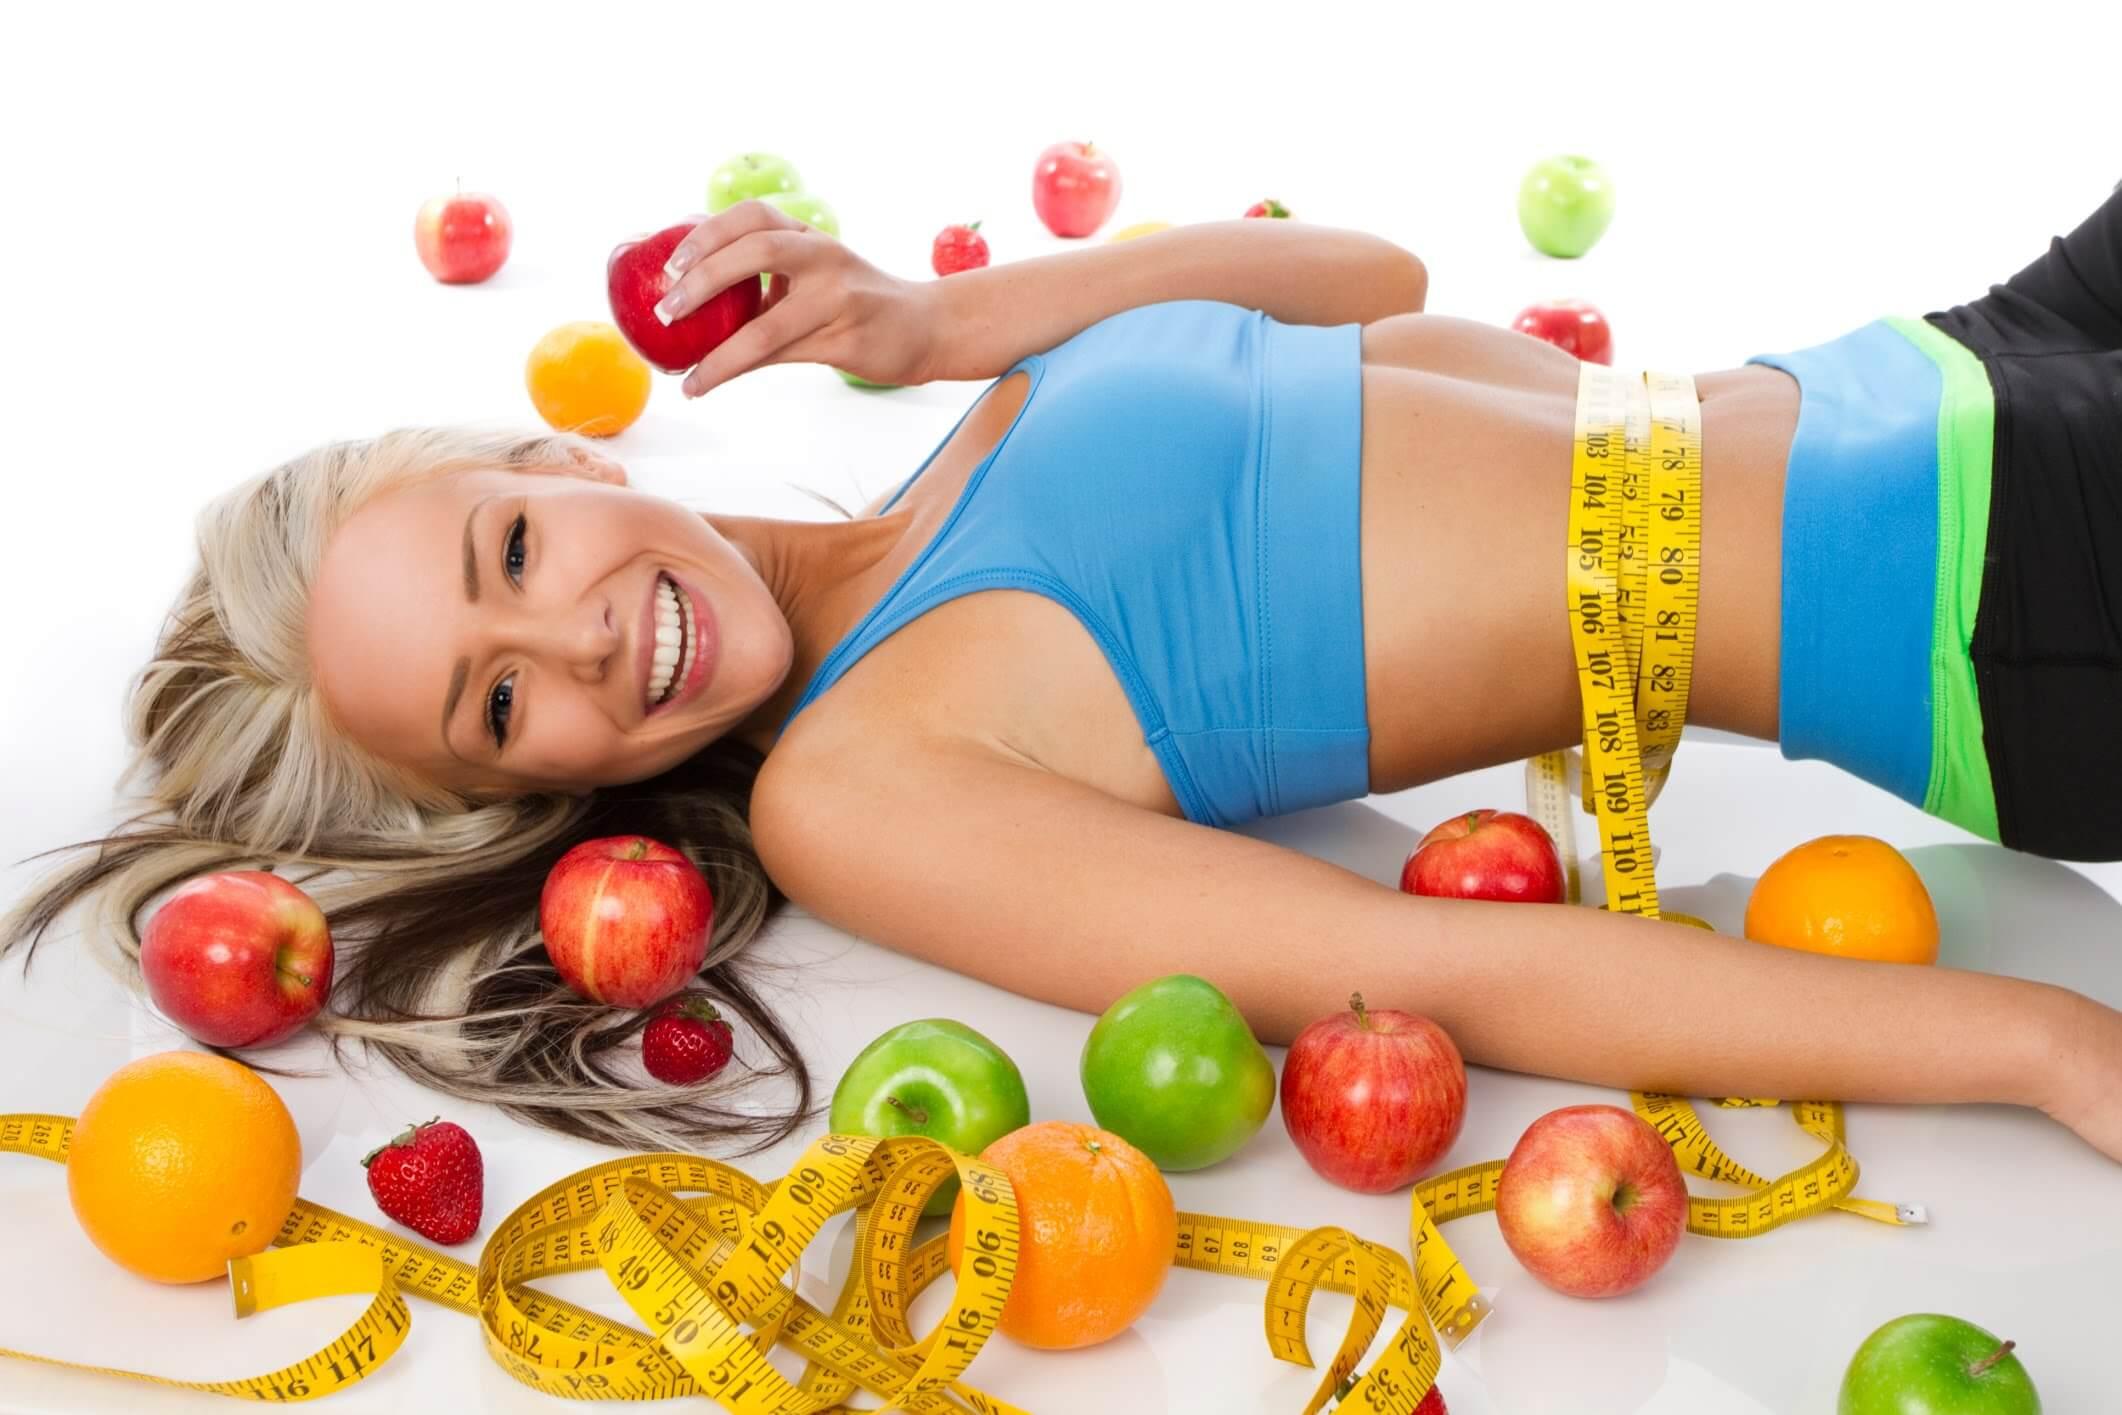 правильное питание для похудения инструкция